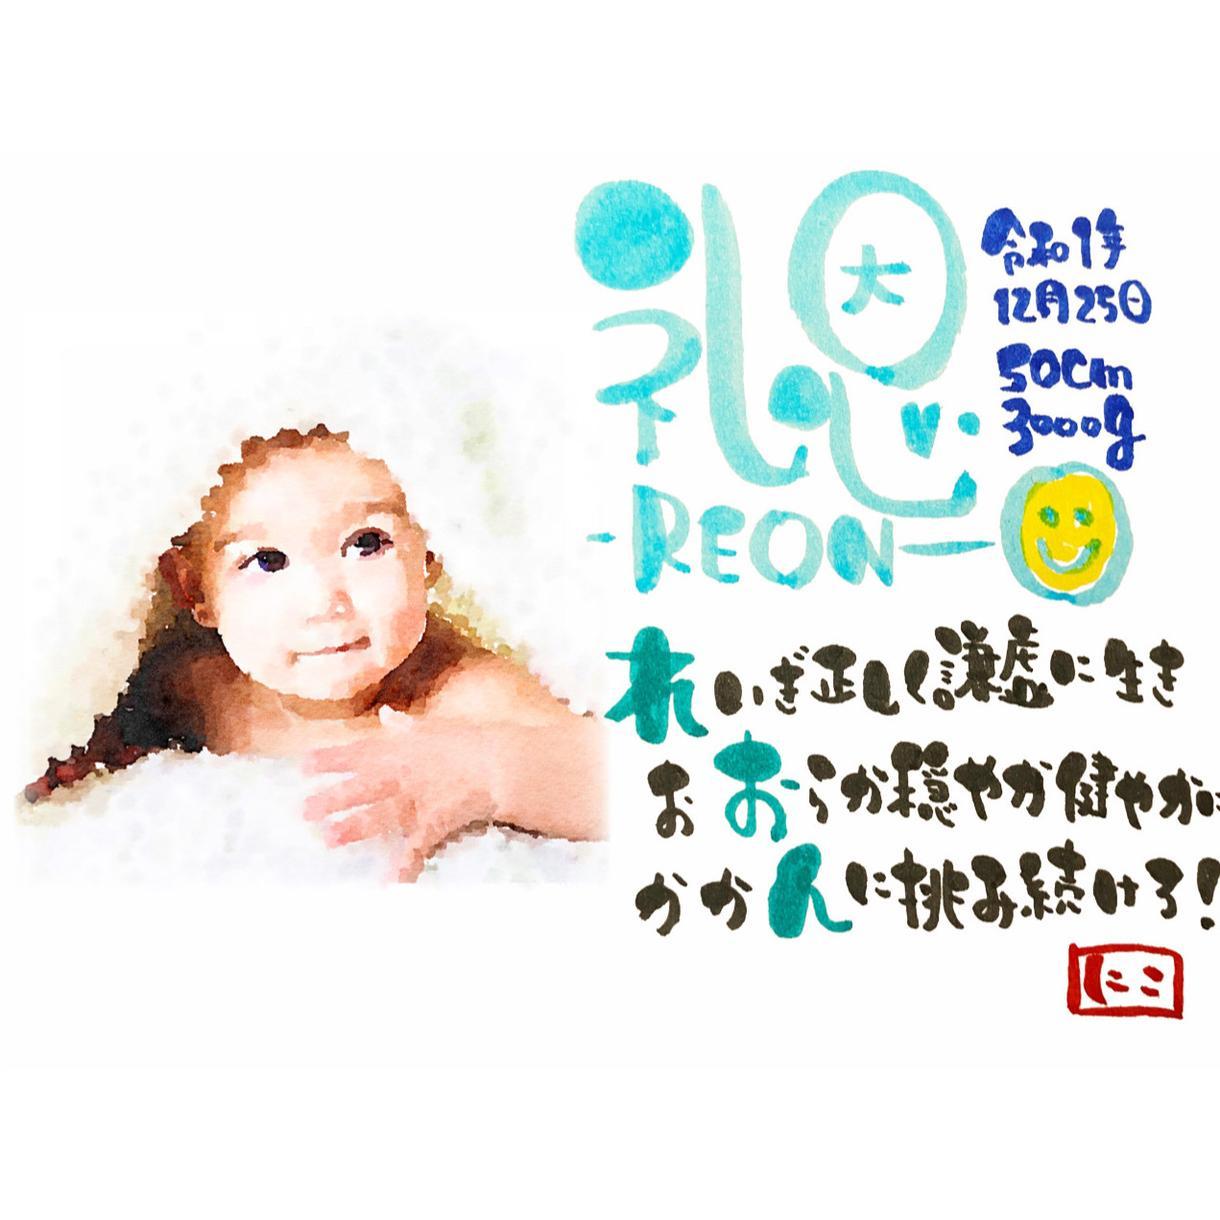 写真入り!筆ペンアート赤ちゃんの名前ポエム作成ます ハガキサイズ♪ふわっとかわいい生誕記念!プレゼントに最適 イメージ1